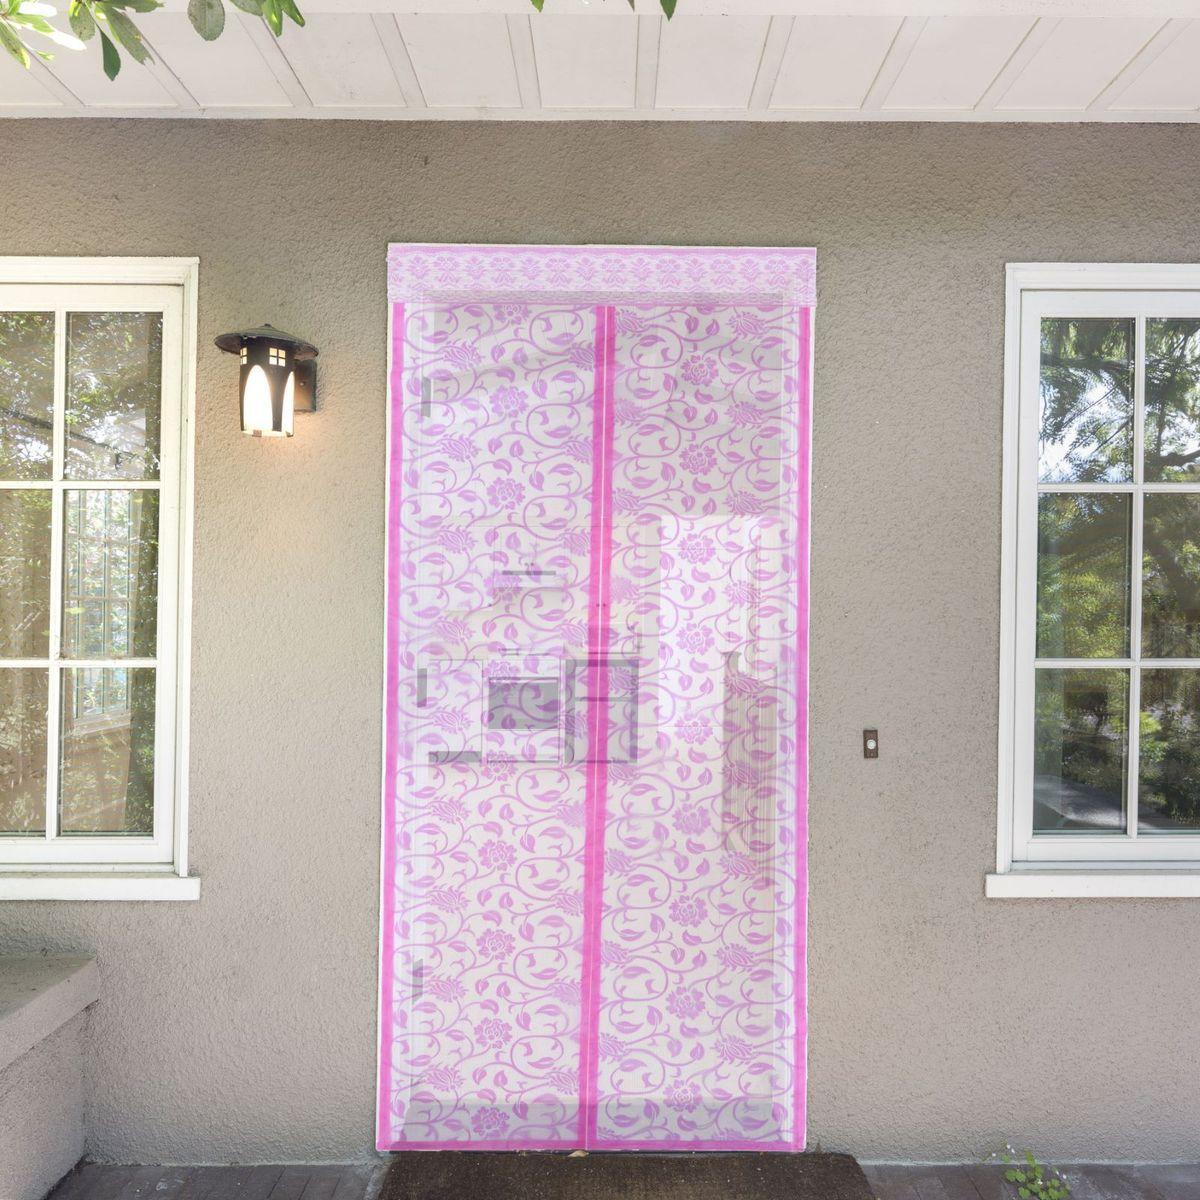 Сетка антимоскитная Цветочный узор, на магнитной ленте, цвет: розовый, 80 х 210 см710255Сетка антимоскитная Цветочный узор от насекомых на магнитной ленте универсальна в использовании: подвесьте ее при входе в садовый дом или балкон, чтобы предотвратить попадание комаров внутрь жилища. Наслаждайтесь свежим воздухом без компании надоедливых насекомых.Чтобы зафиксировать занавес в дверном проеме, достаточно закрепить занавеску по периметру двери с помощью кнопок, идущих в комплекте.В комплект входит: полиэстеровая сетка-штора (80 x 210 см), магнитная лента и крепёжные крючки.Принцип действия занавеса предельно прост: каждый раз, когда вы будете проходить сквозь шторы, они автоматически захлопнутся за вами благодаря магнитам, расположенным по всей его длине.